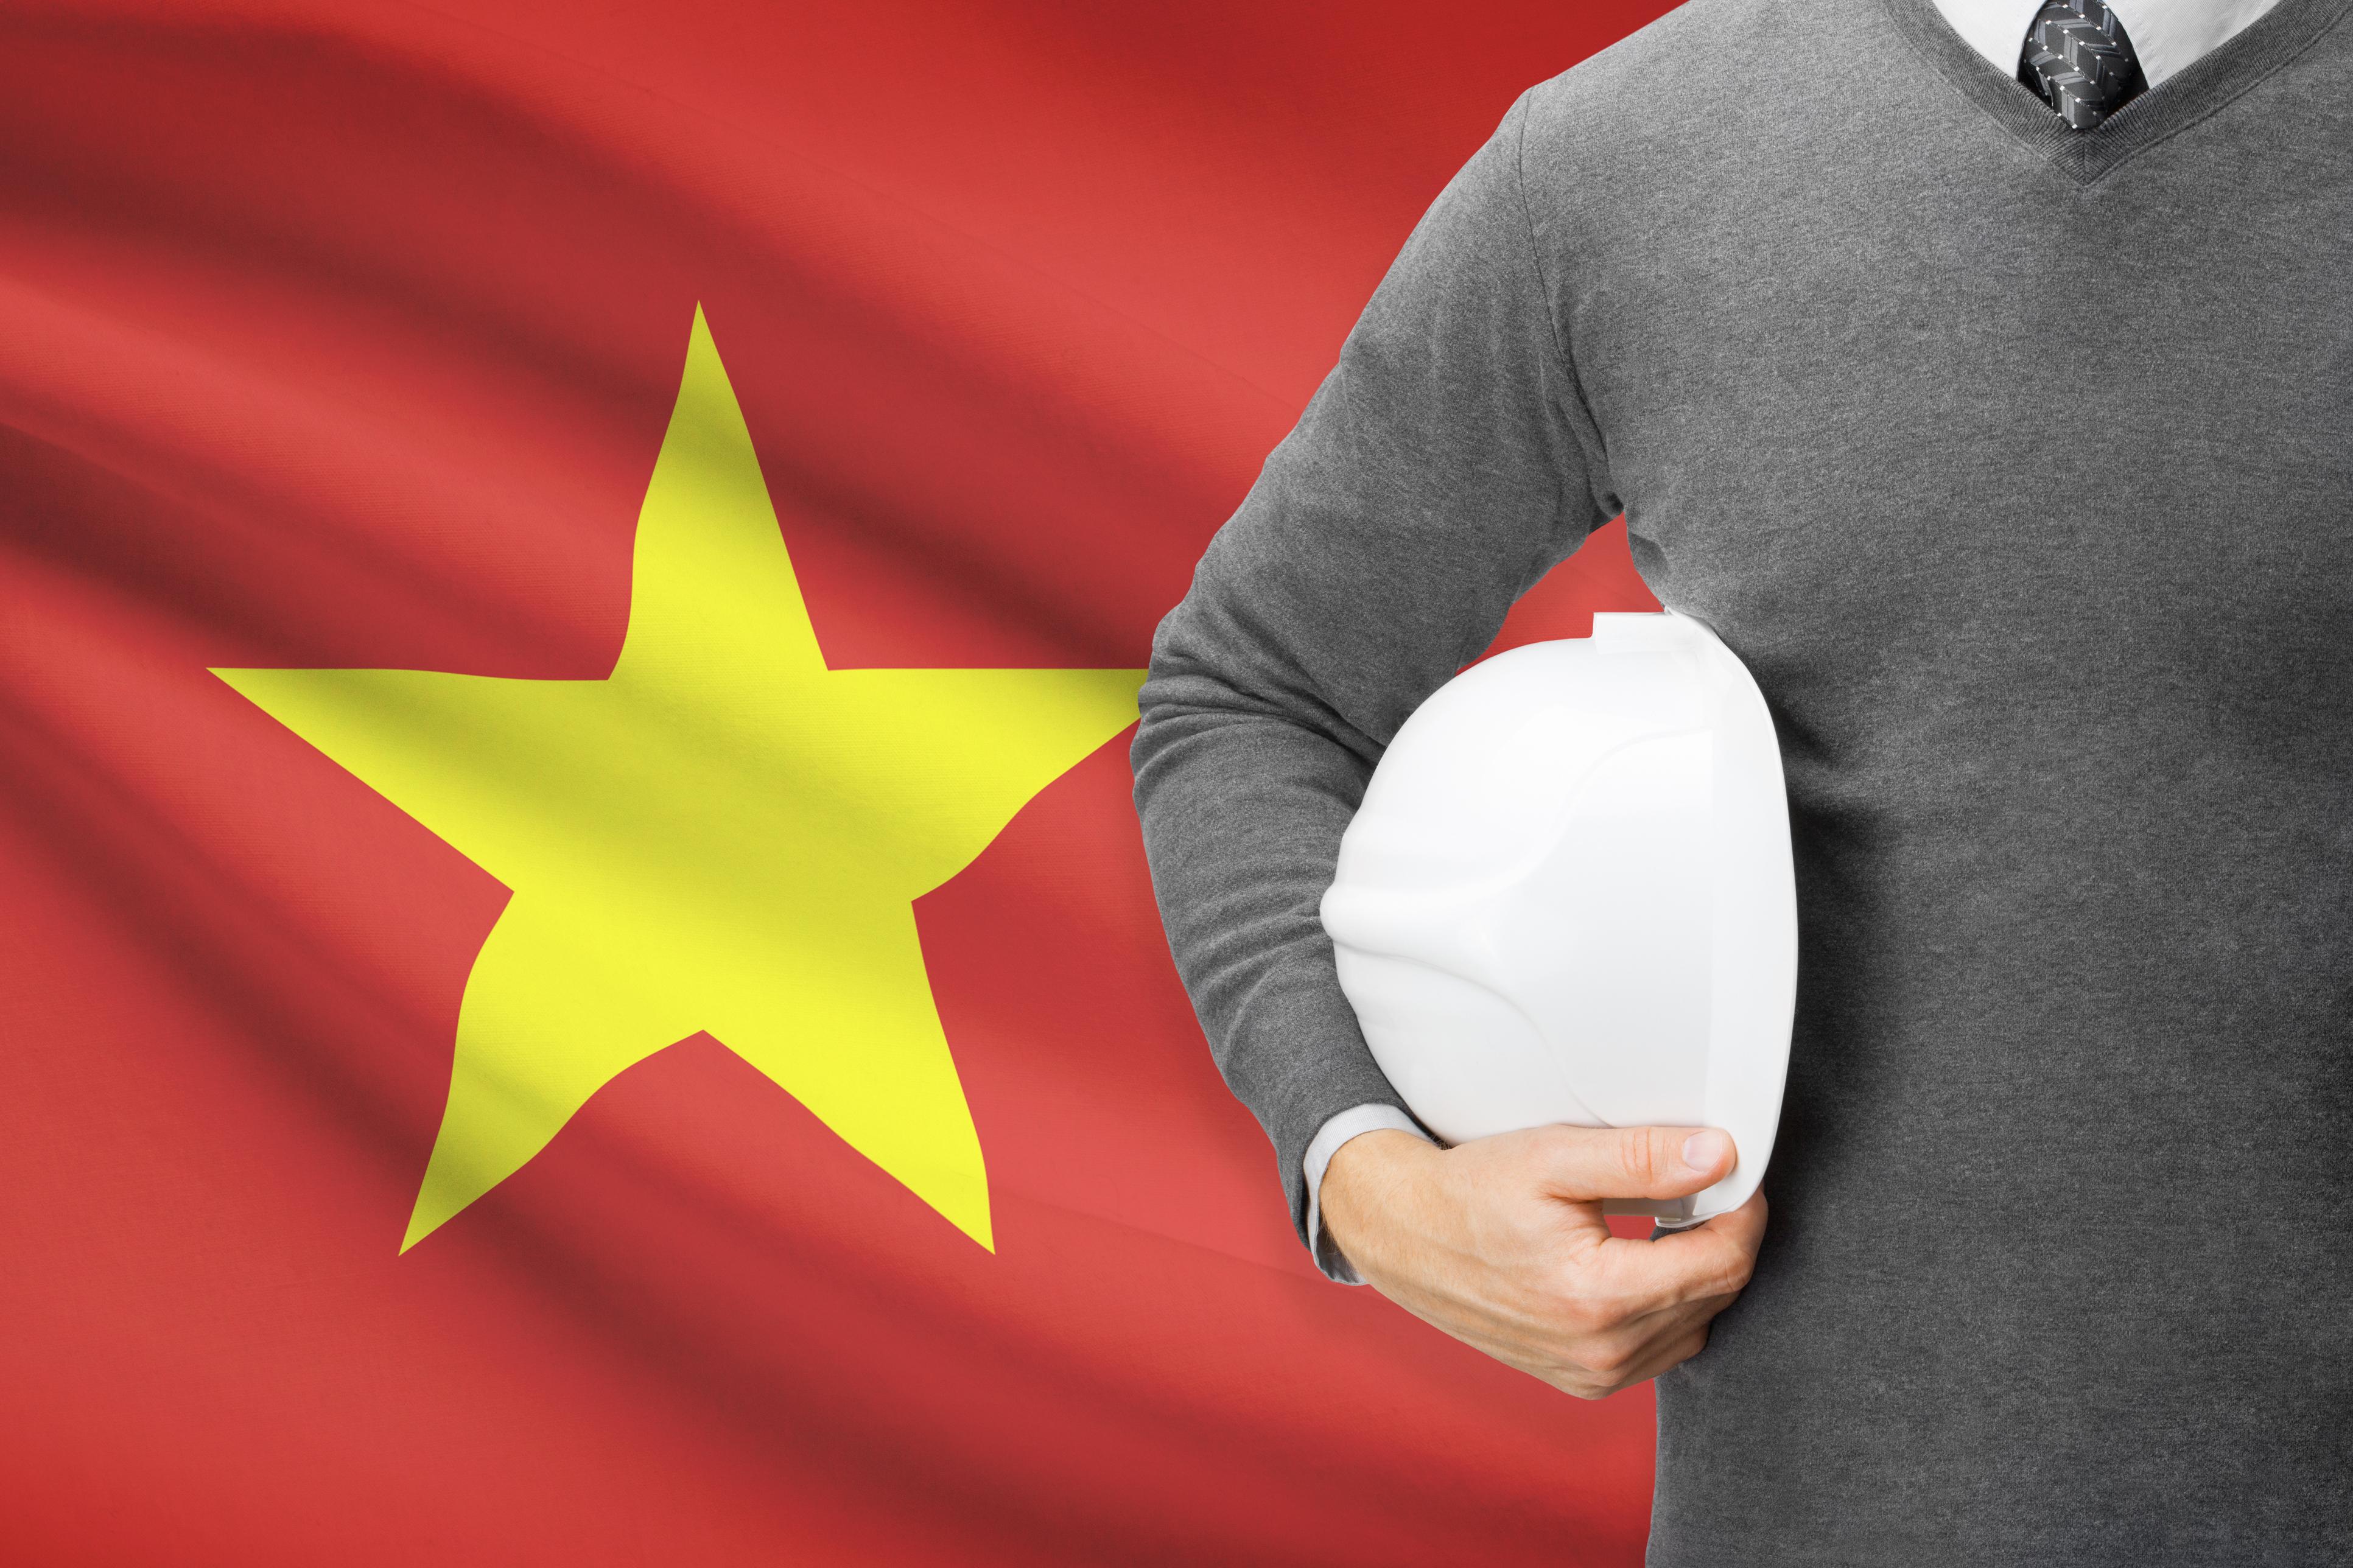 【ベトナム/ 男性・機械電気系】静岡のプレスメーカーで実習生のライフサポート募集!